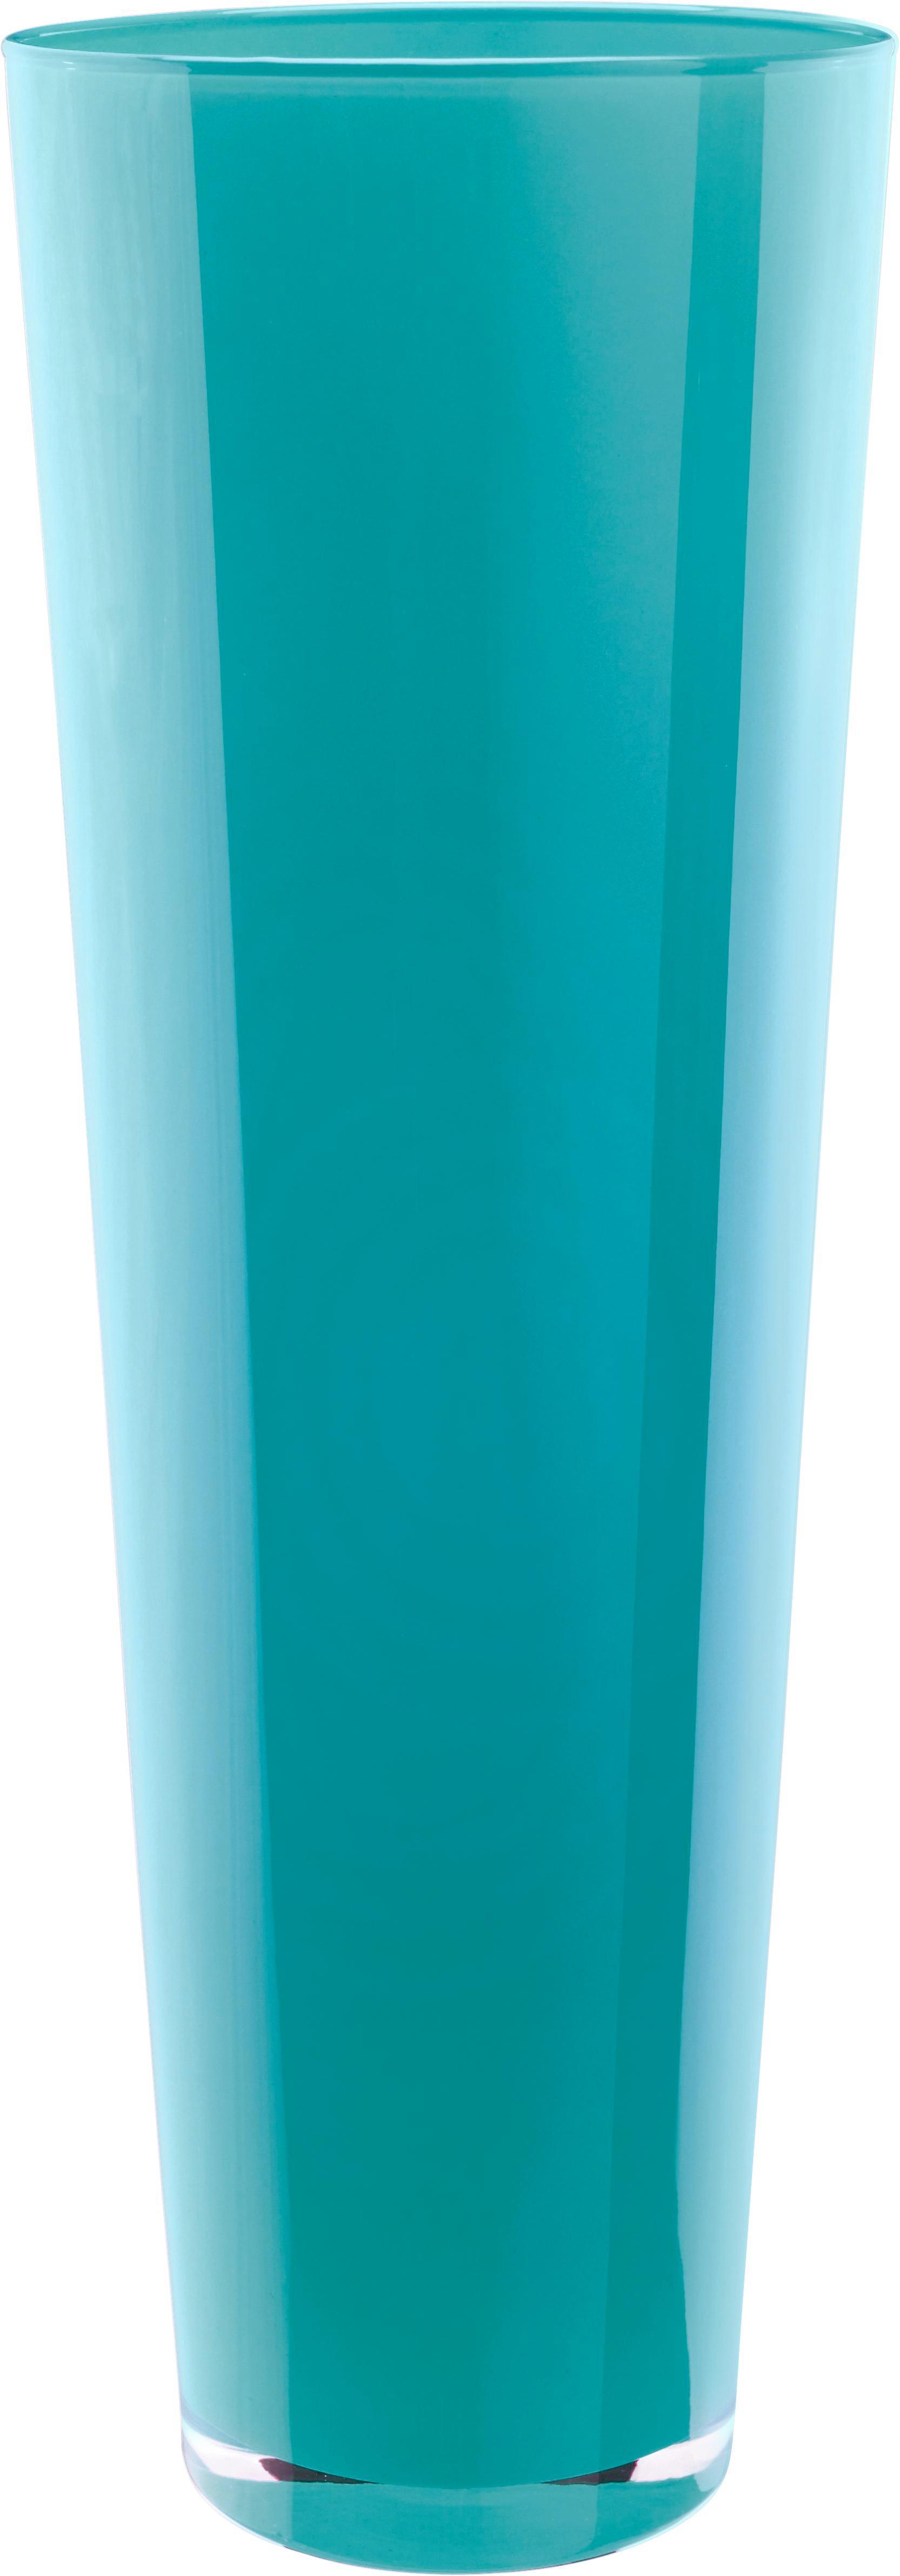 Vaza Loretta - turkizna/siva, Konvencionalno, steklo (17/50cm) - MÖMAX modern living